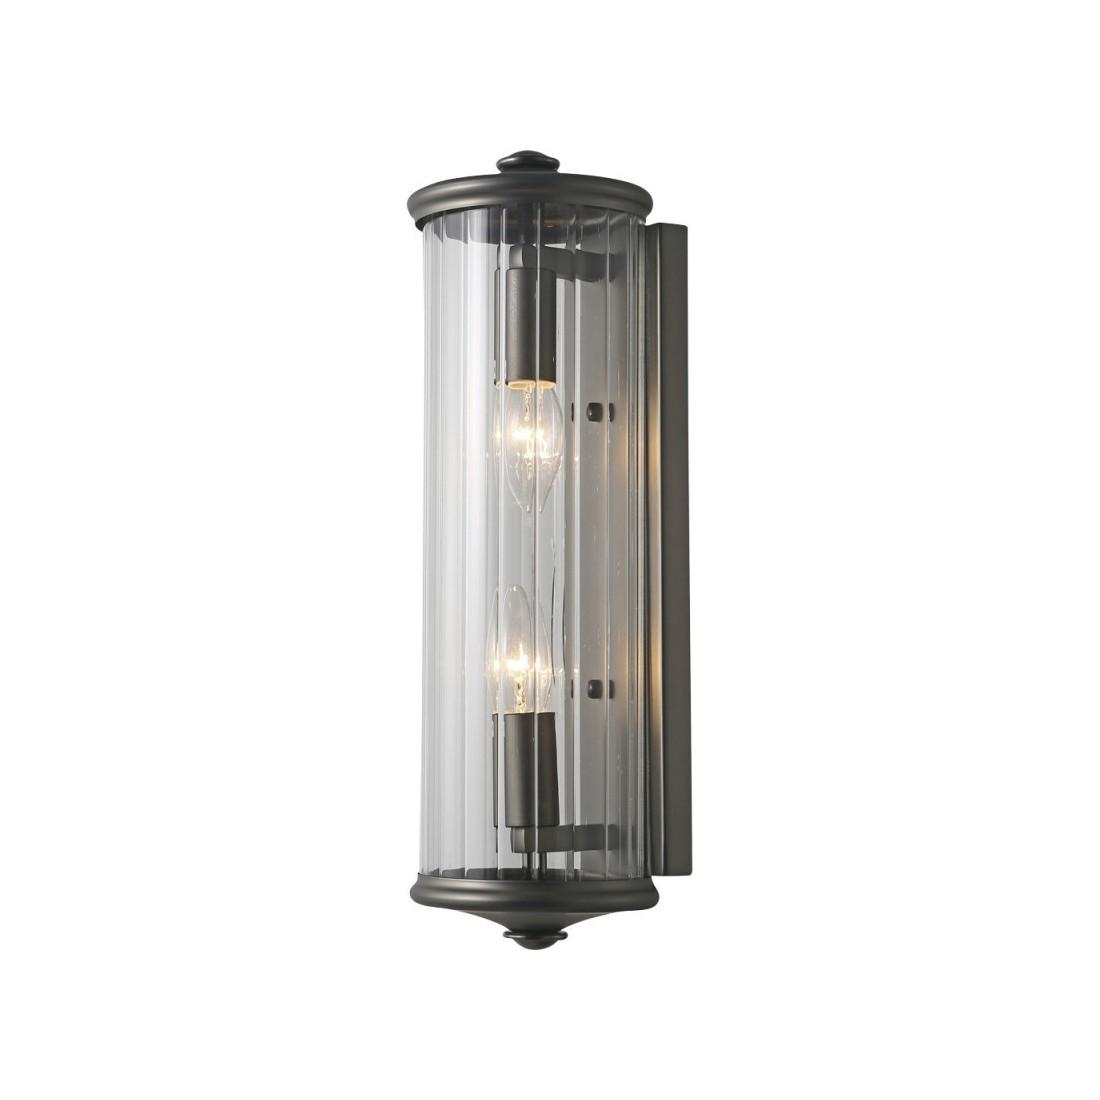 Artelore - Dion Black L nástěnná lampa